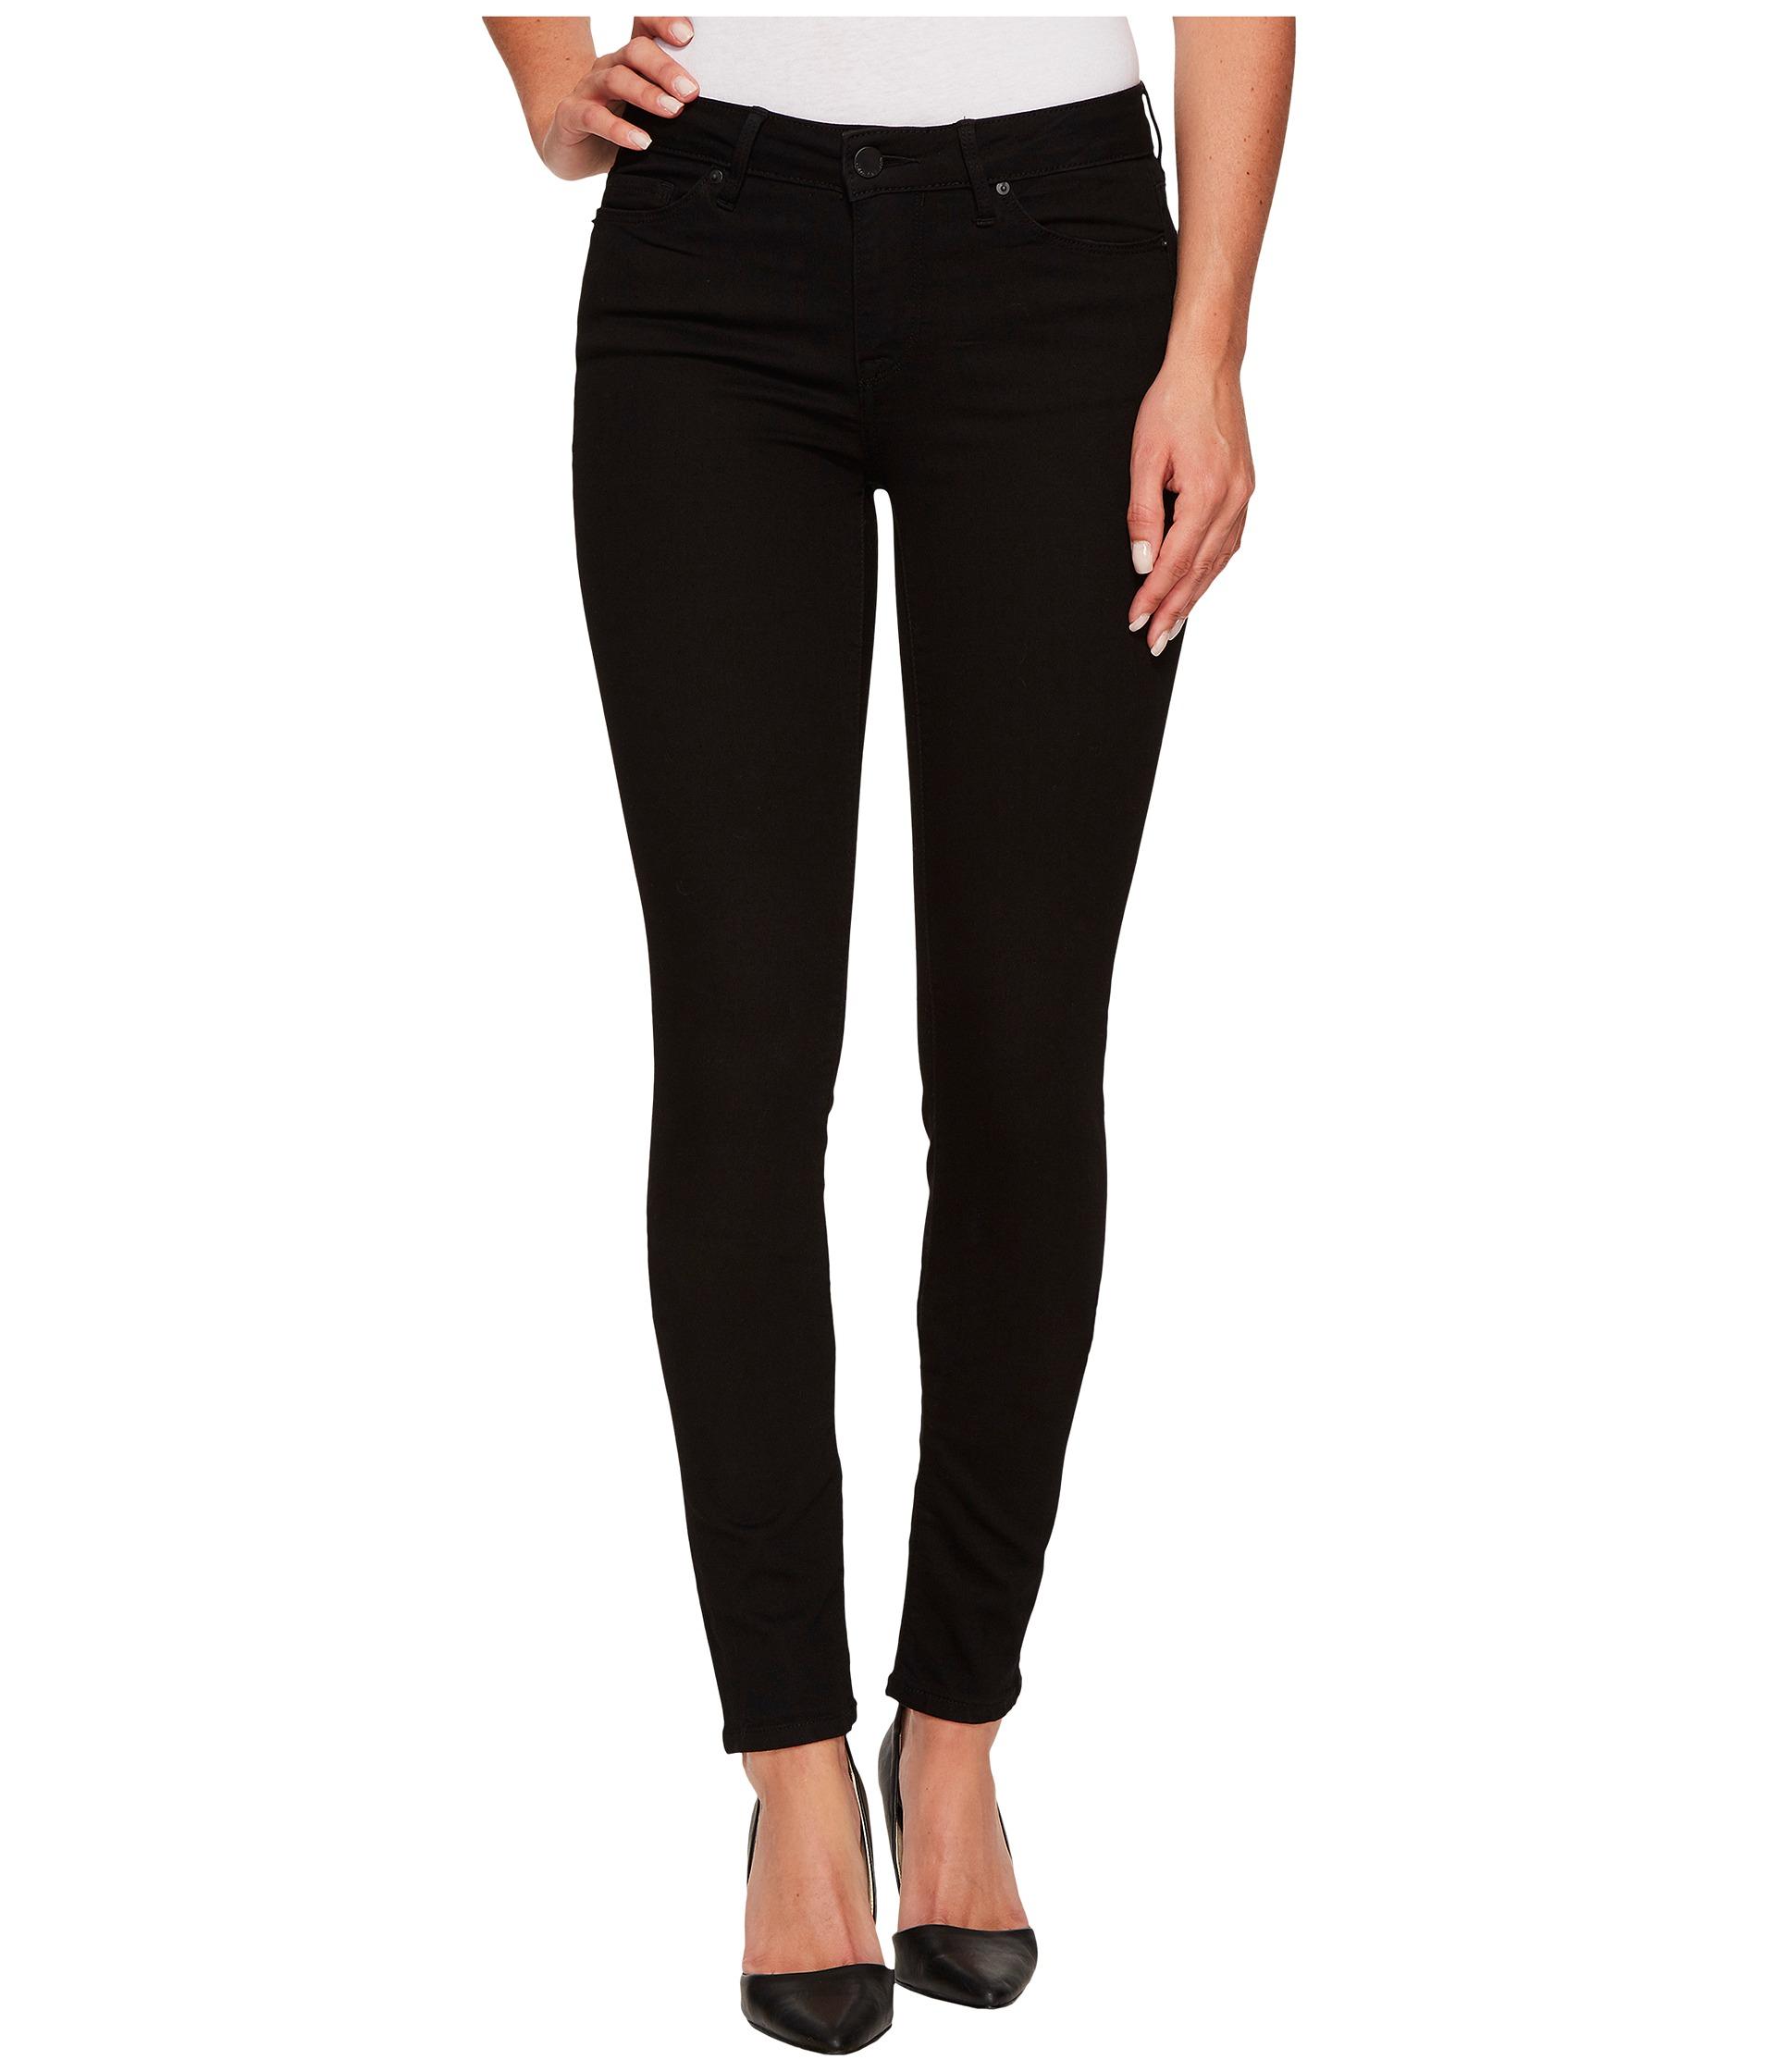 Calvin Klein Jeans Ultimate Skinny Denim in Black at Zappos.com